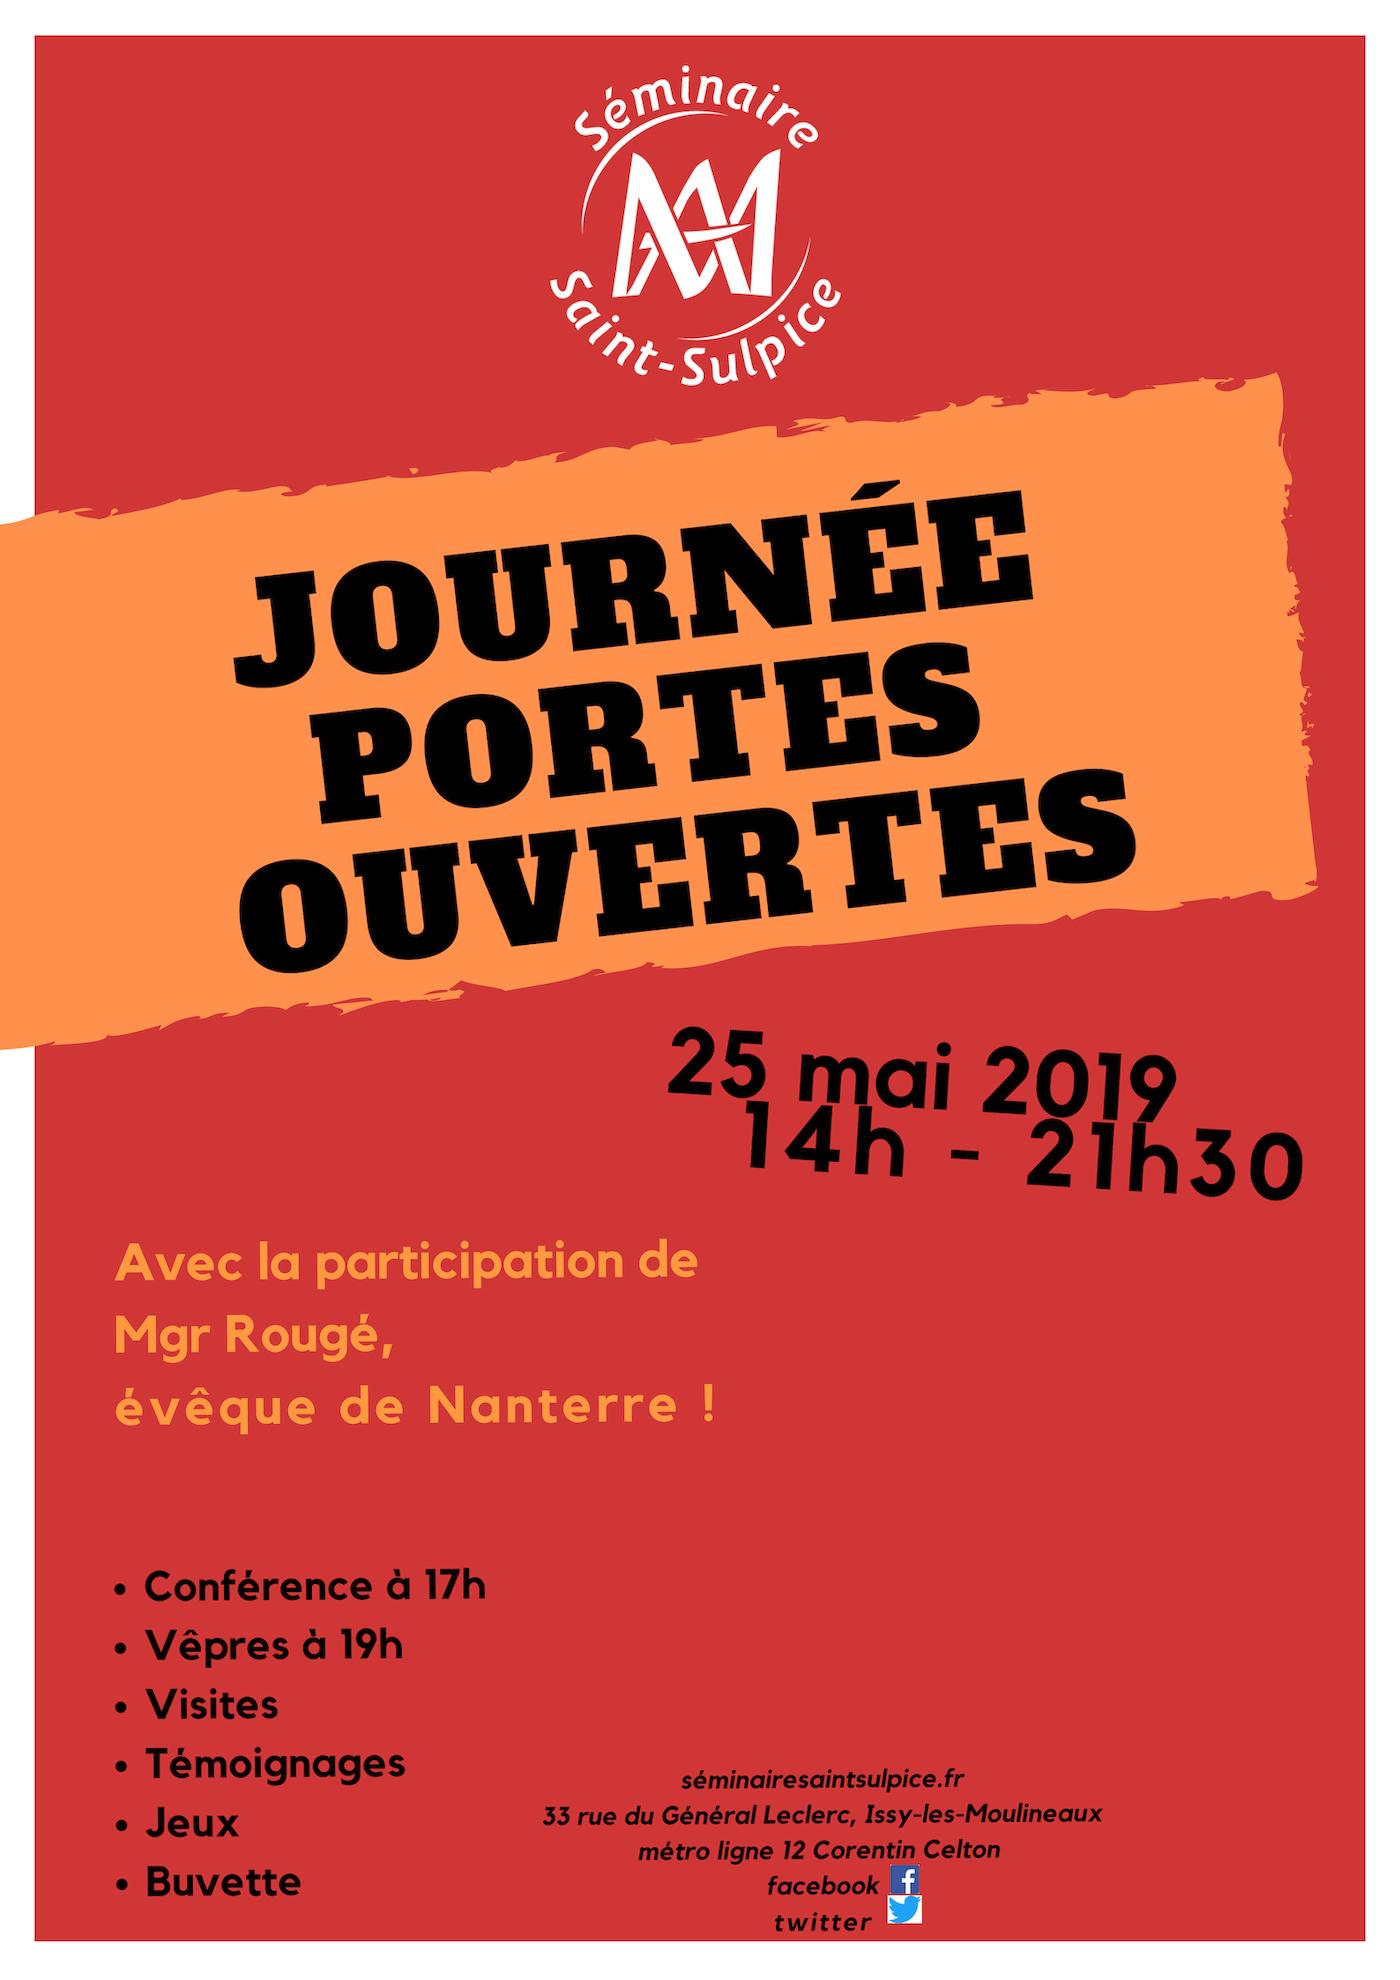 Portes ouvertes du Séminaire Saint-Sulpice à Issy-les-Moulineaux (92) le 25 mai 2019